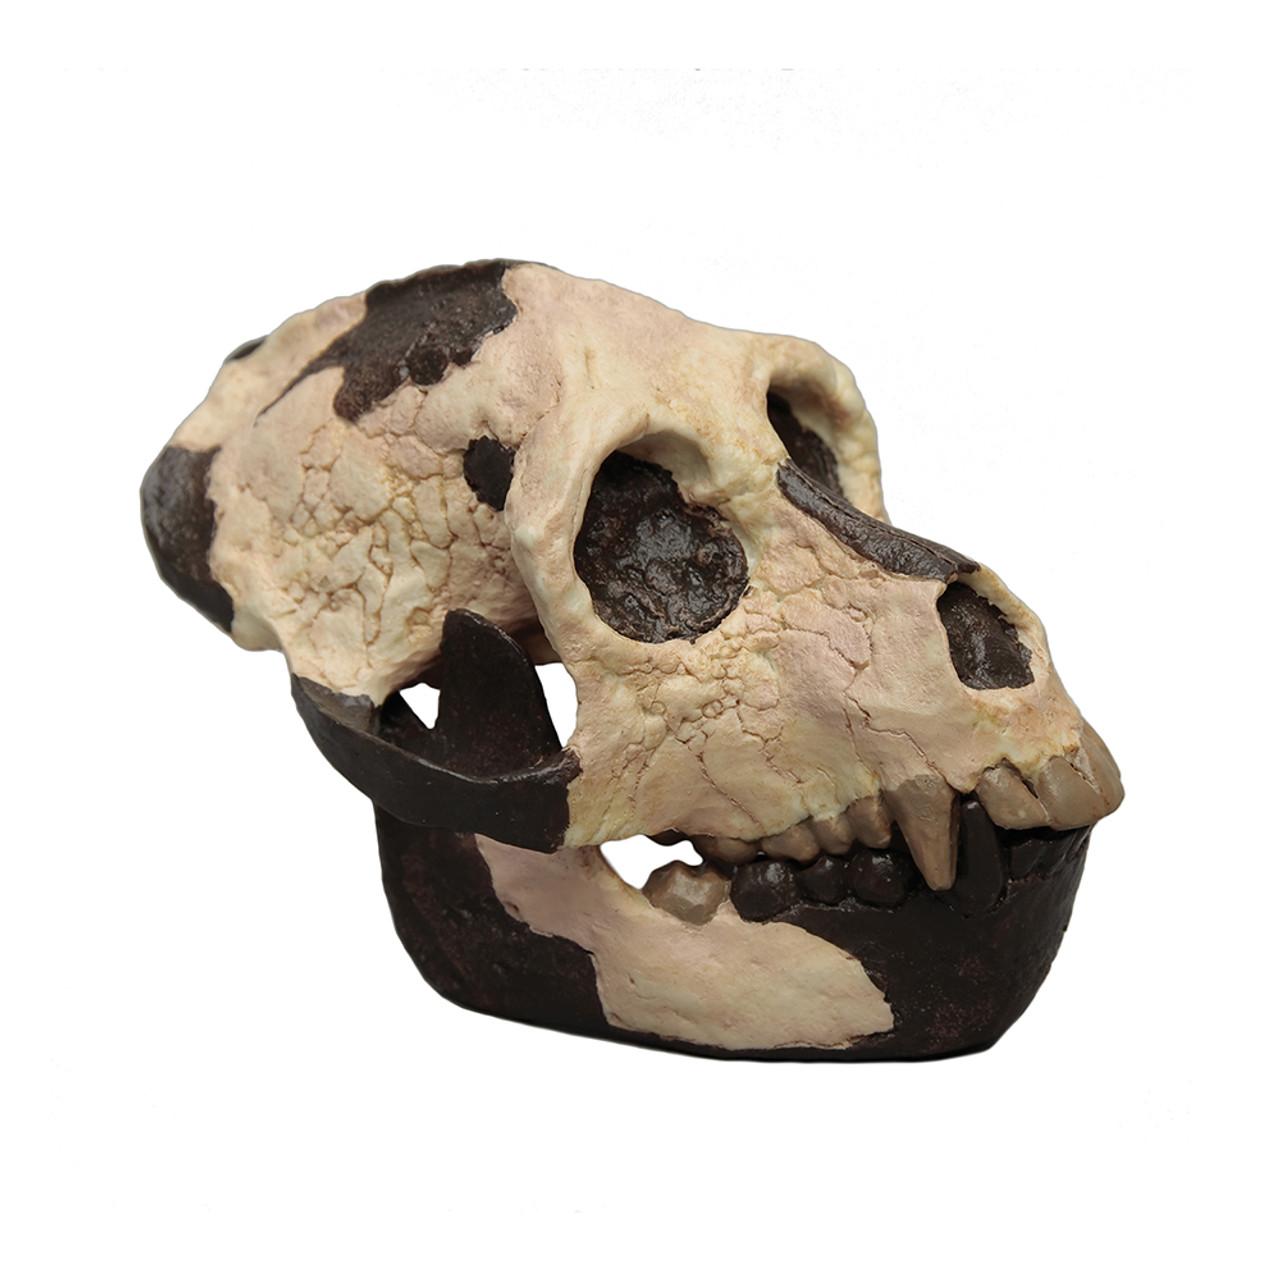 Aegyptopithecus zeuxis